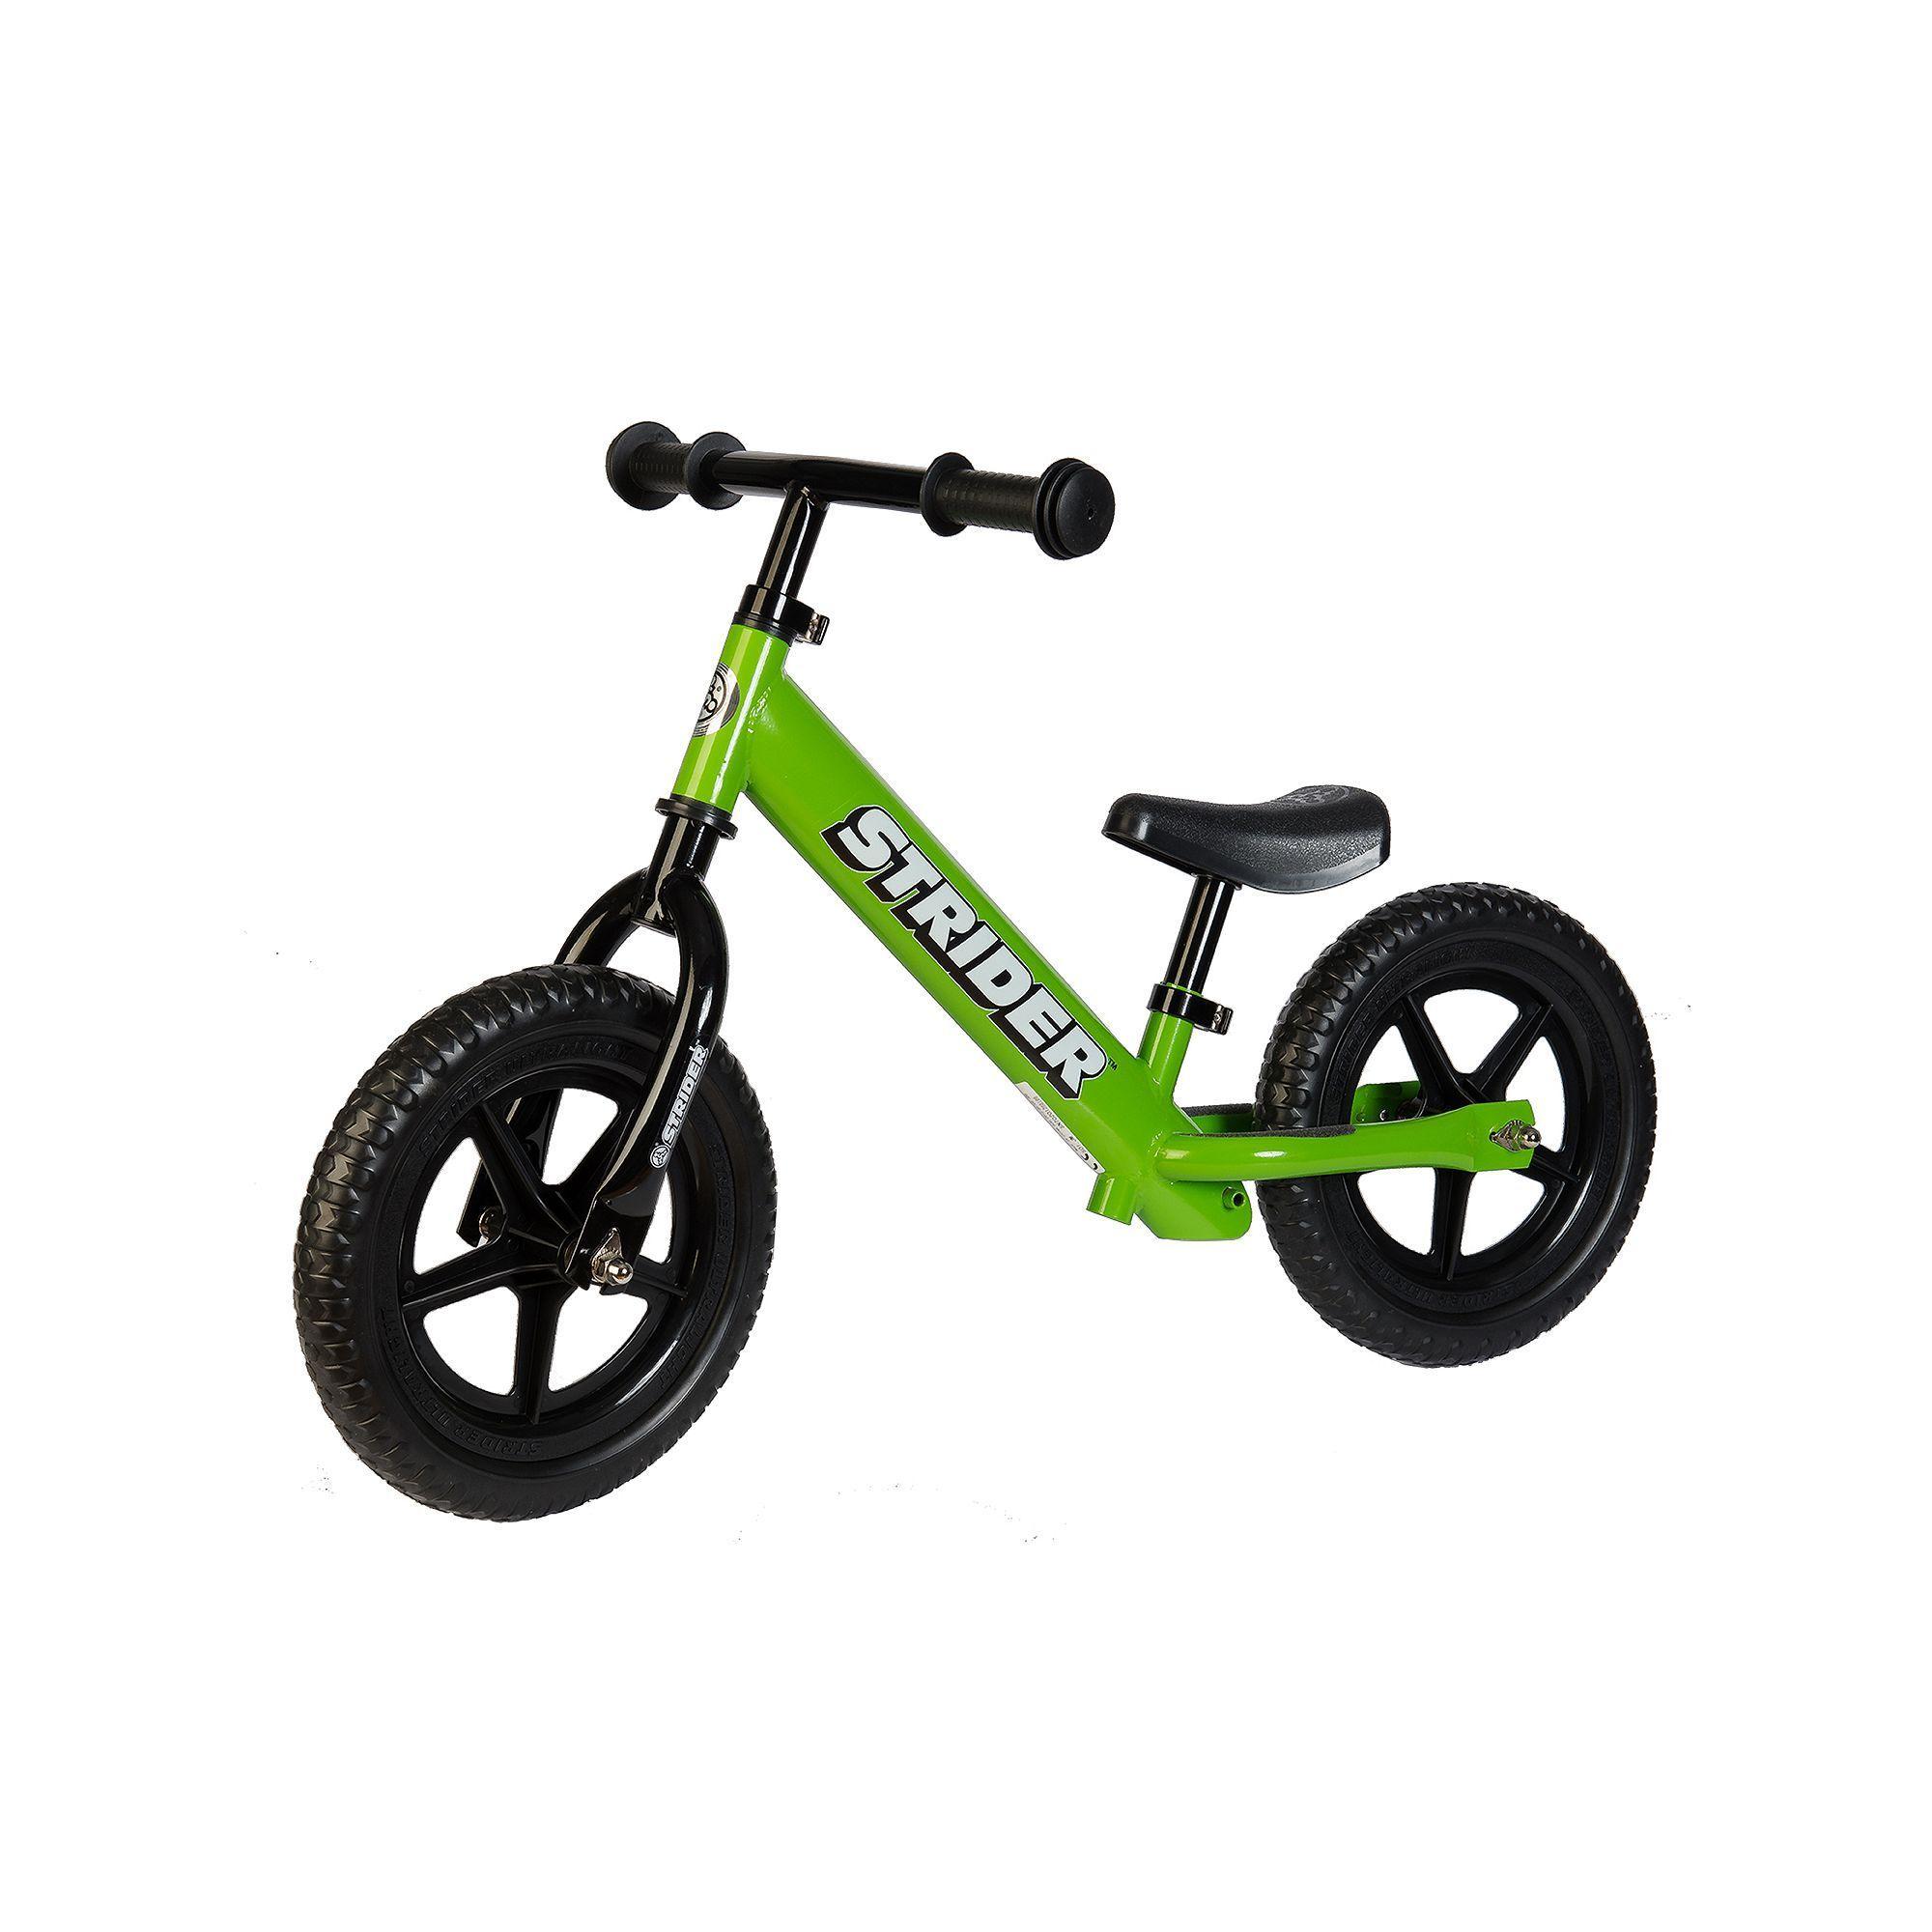 Strider 12in. Classic Balance Bike Balance bike, Kids